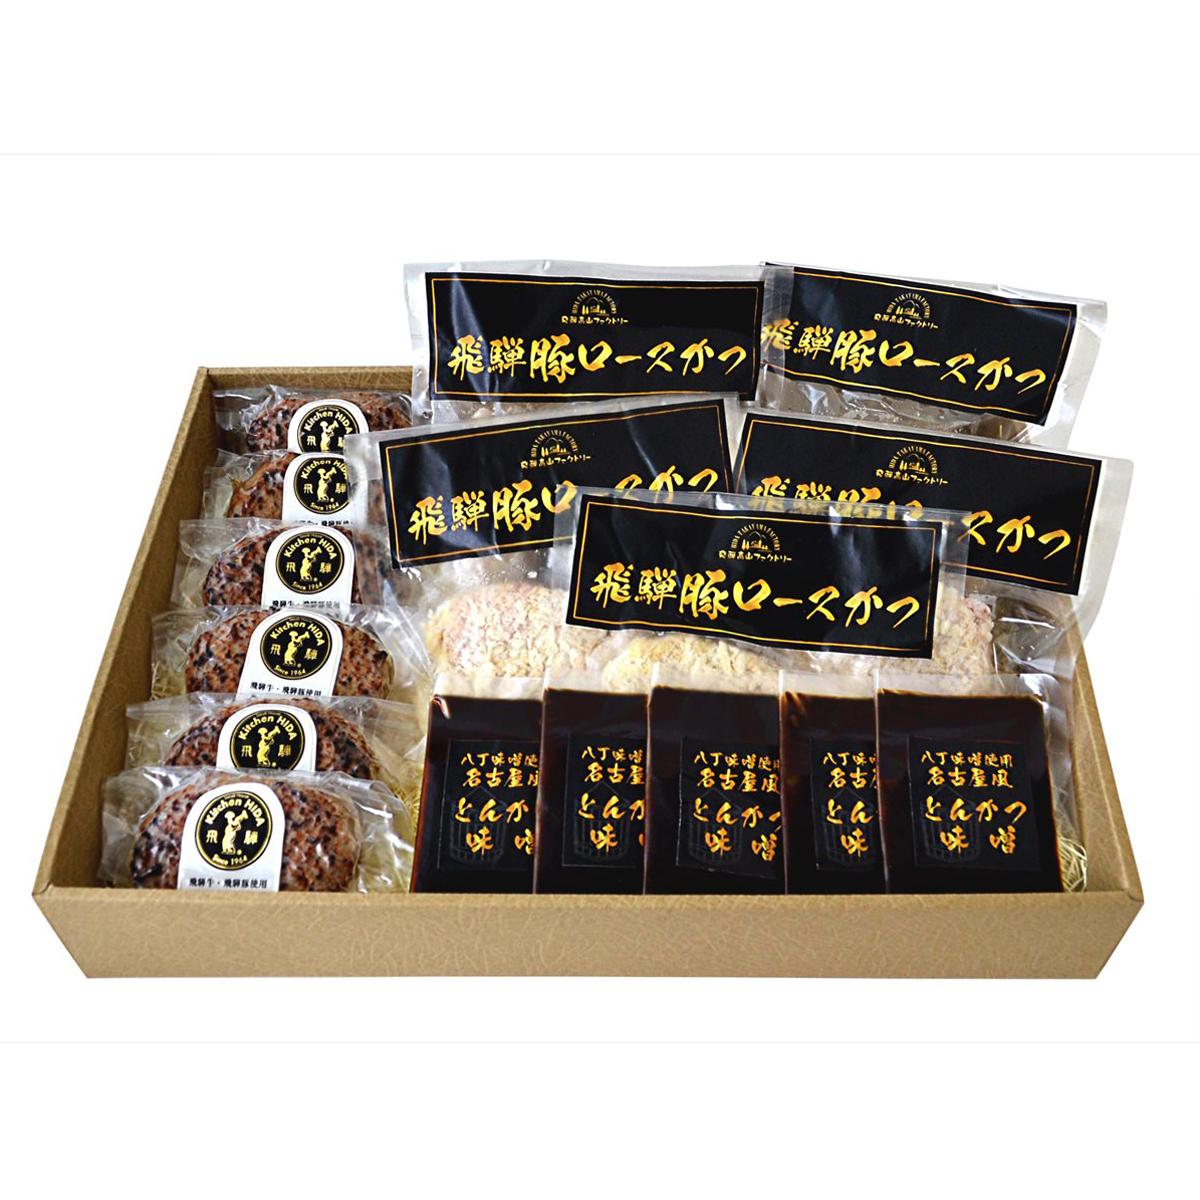 飛騨豚の味噌かつ&キッチン飛騨 飛騨牛入りハンバーグ(MTKシリーズ)B